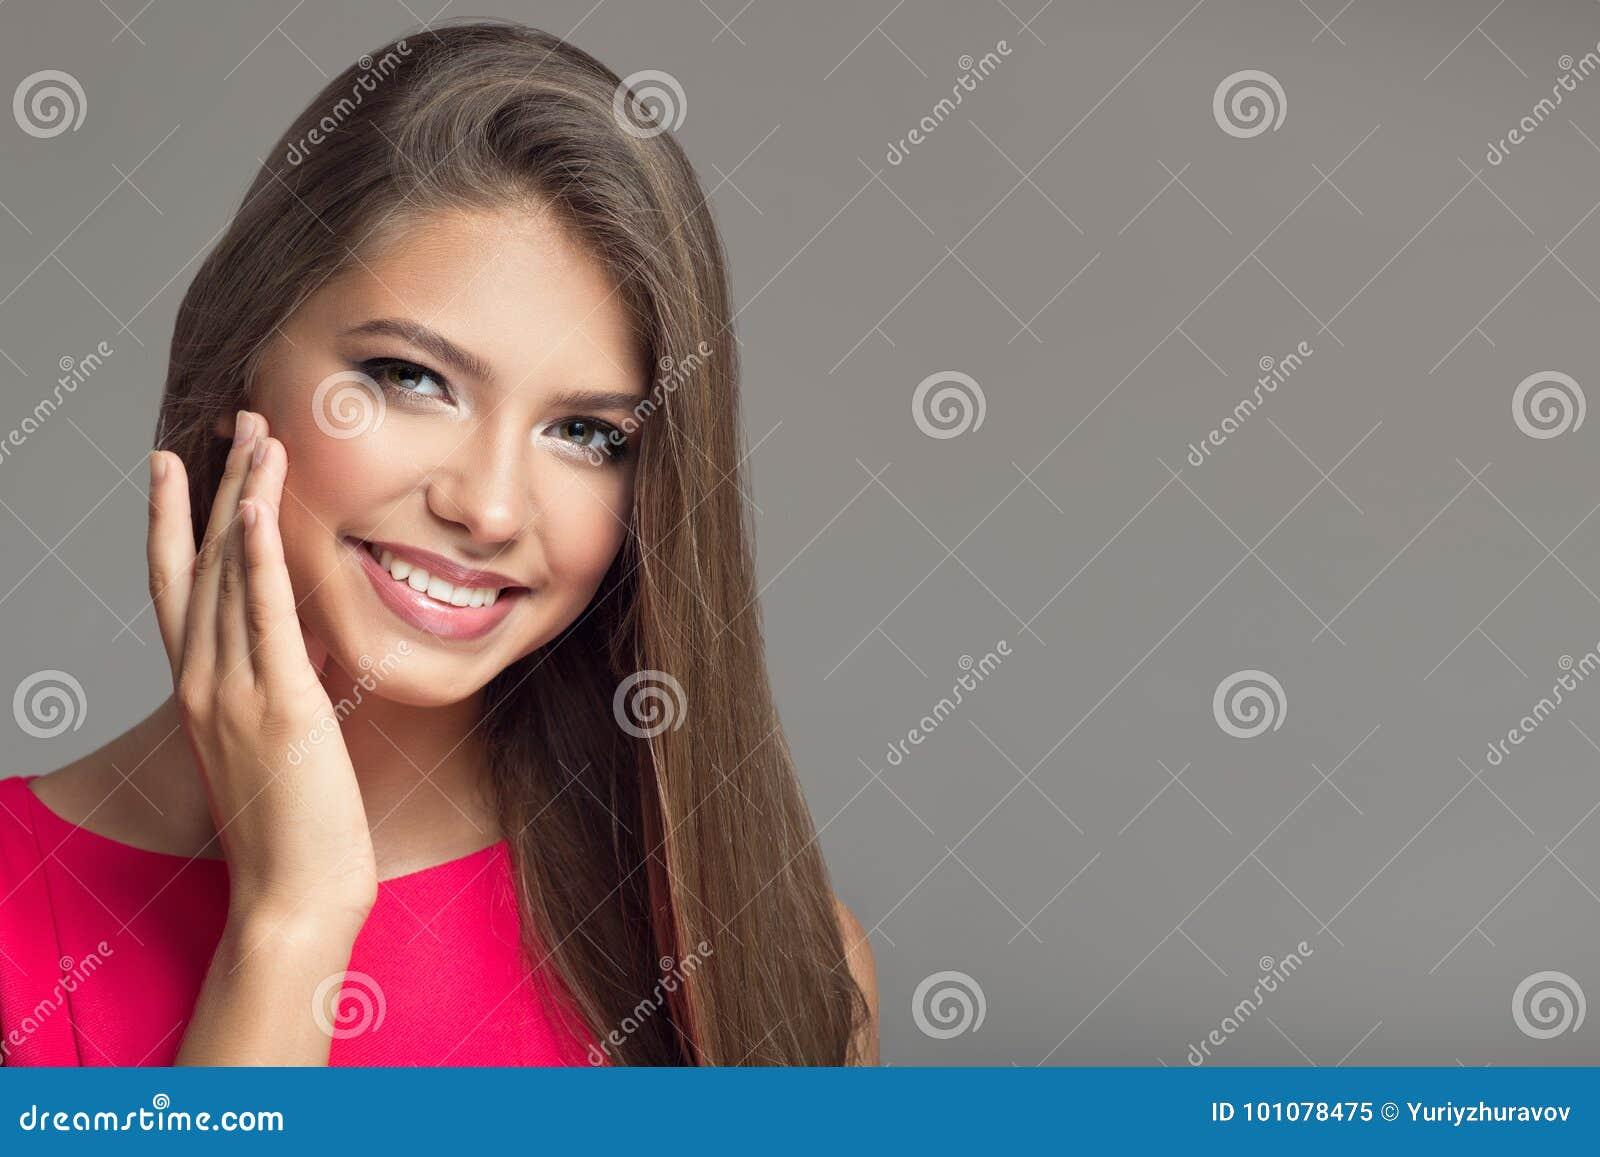 молодая красивая усмехаясь счастливая женщина волосы длиной